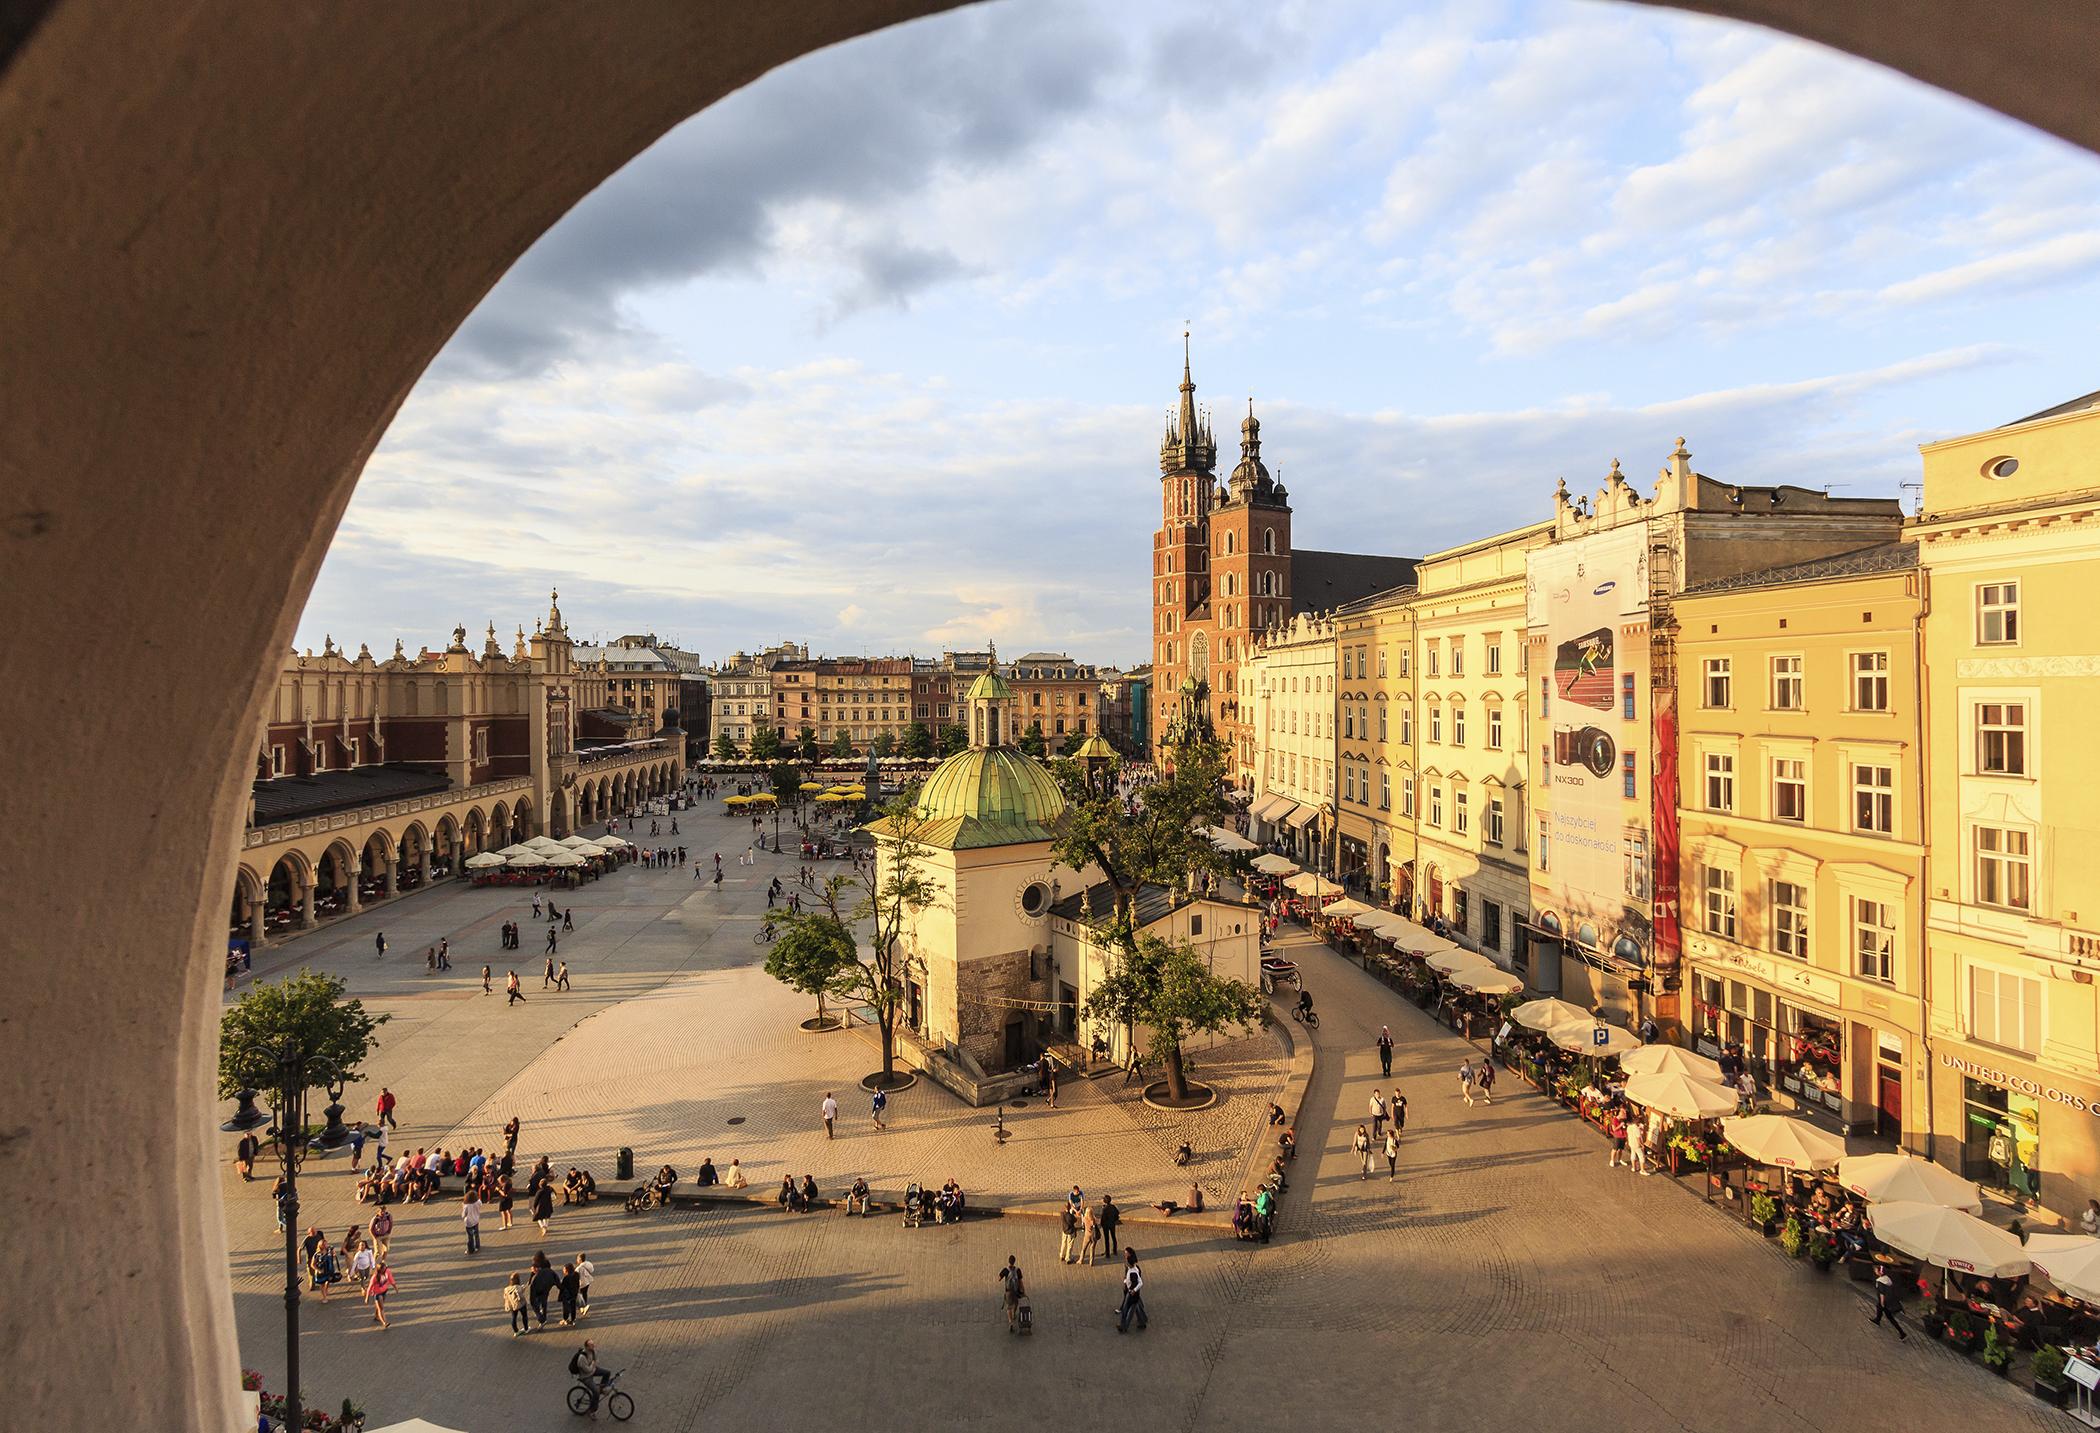 170407-europe-travel-krakow